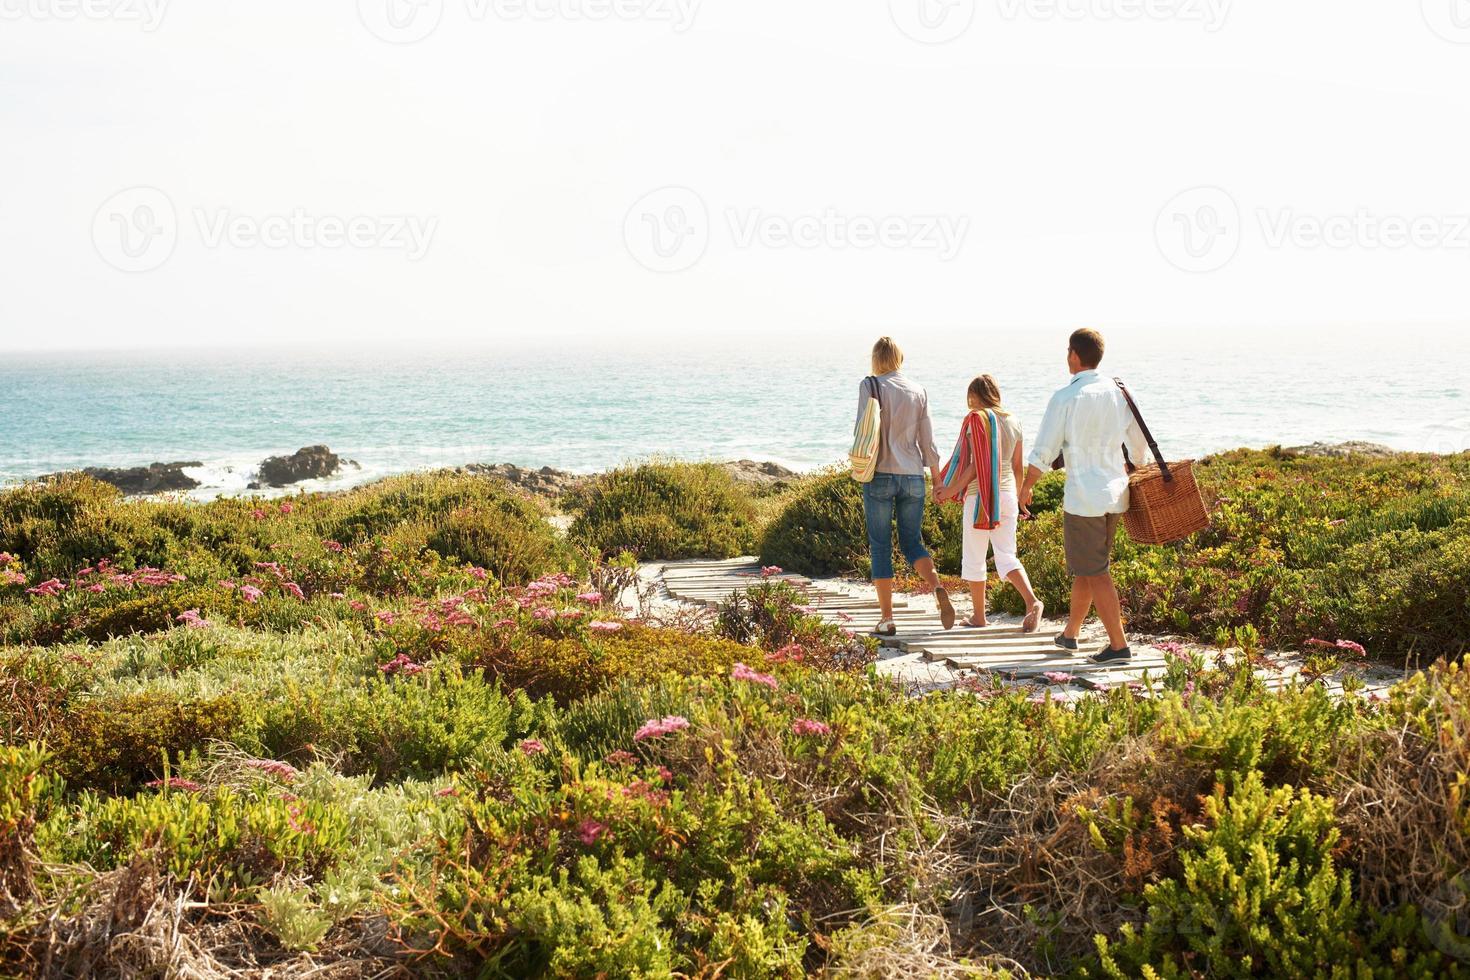 einen Spaziergang zum Strand machen foto